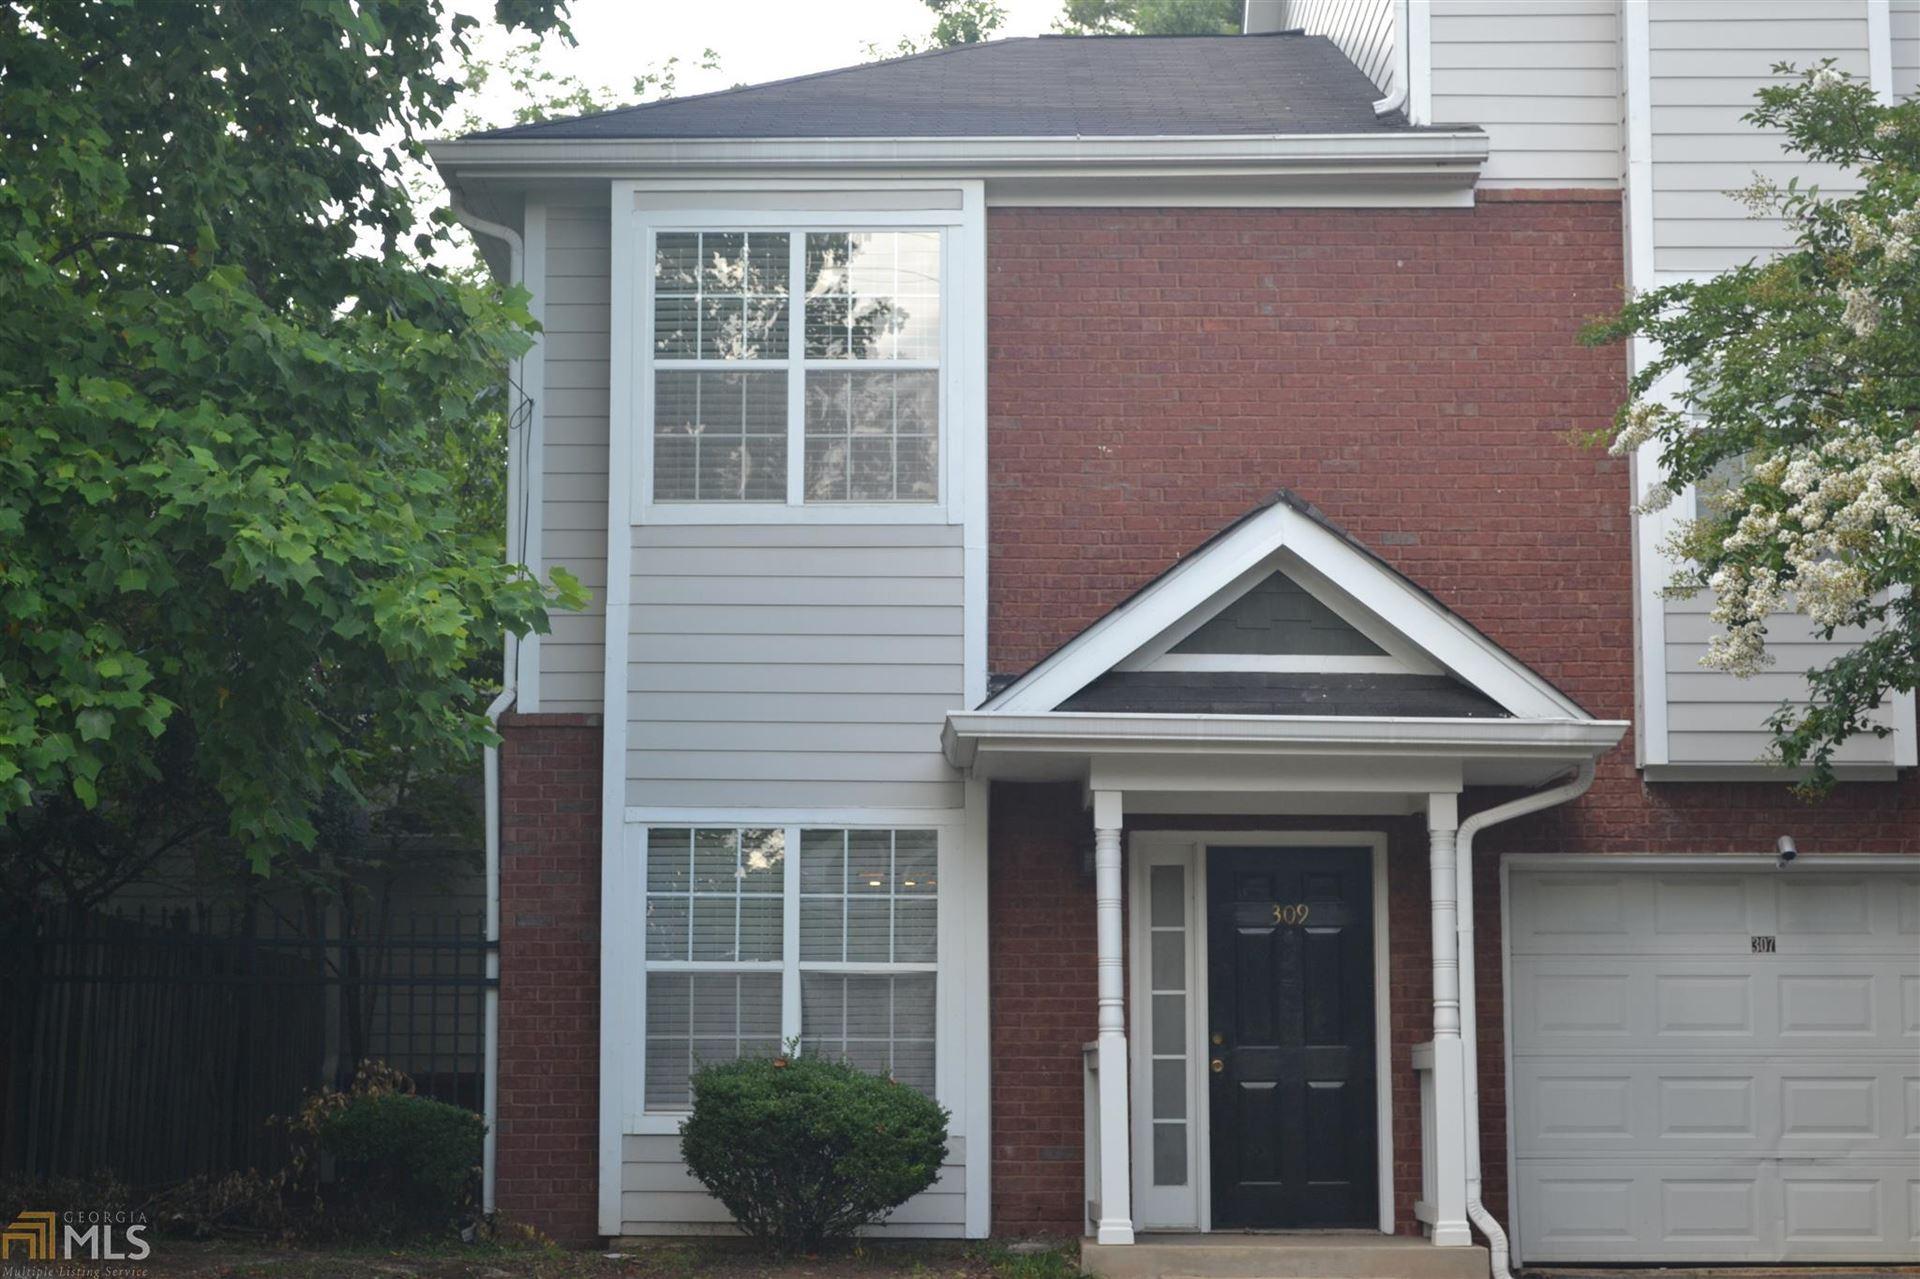 309 Glenn, Atlanta, GA 30312 - MLS#: 8825998